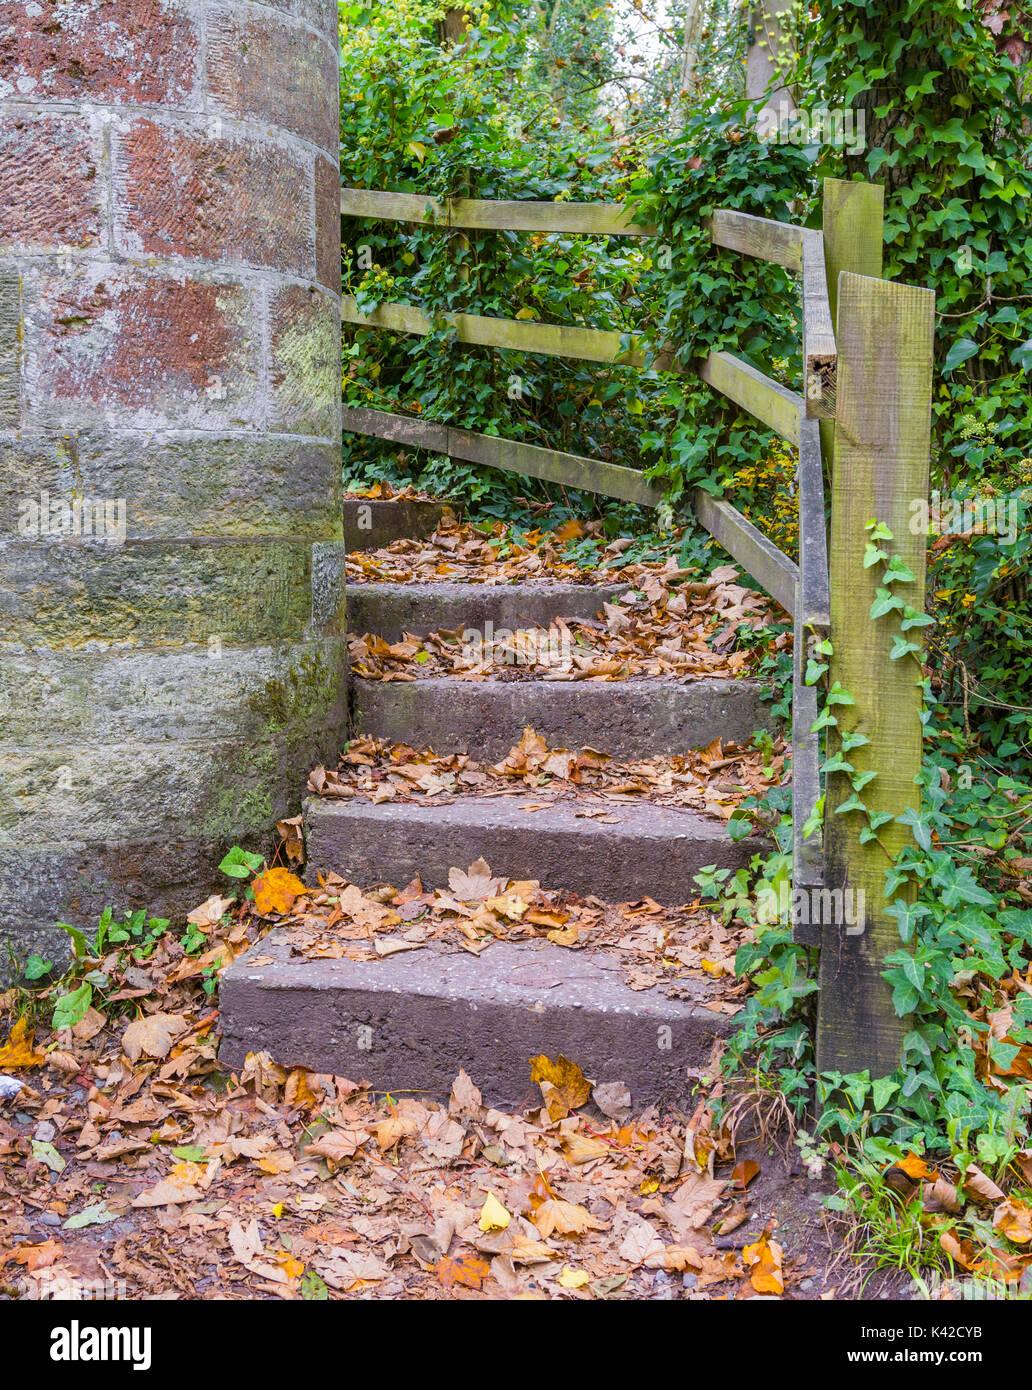 Lascia sul terreno in antica pietra passi in autunno in Arundel, West Sussex, in Inghilterra, Regno Unito. Visualizzazione verticale. Concetto di autunno. Immagini Stock